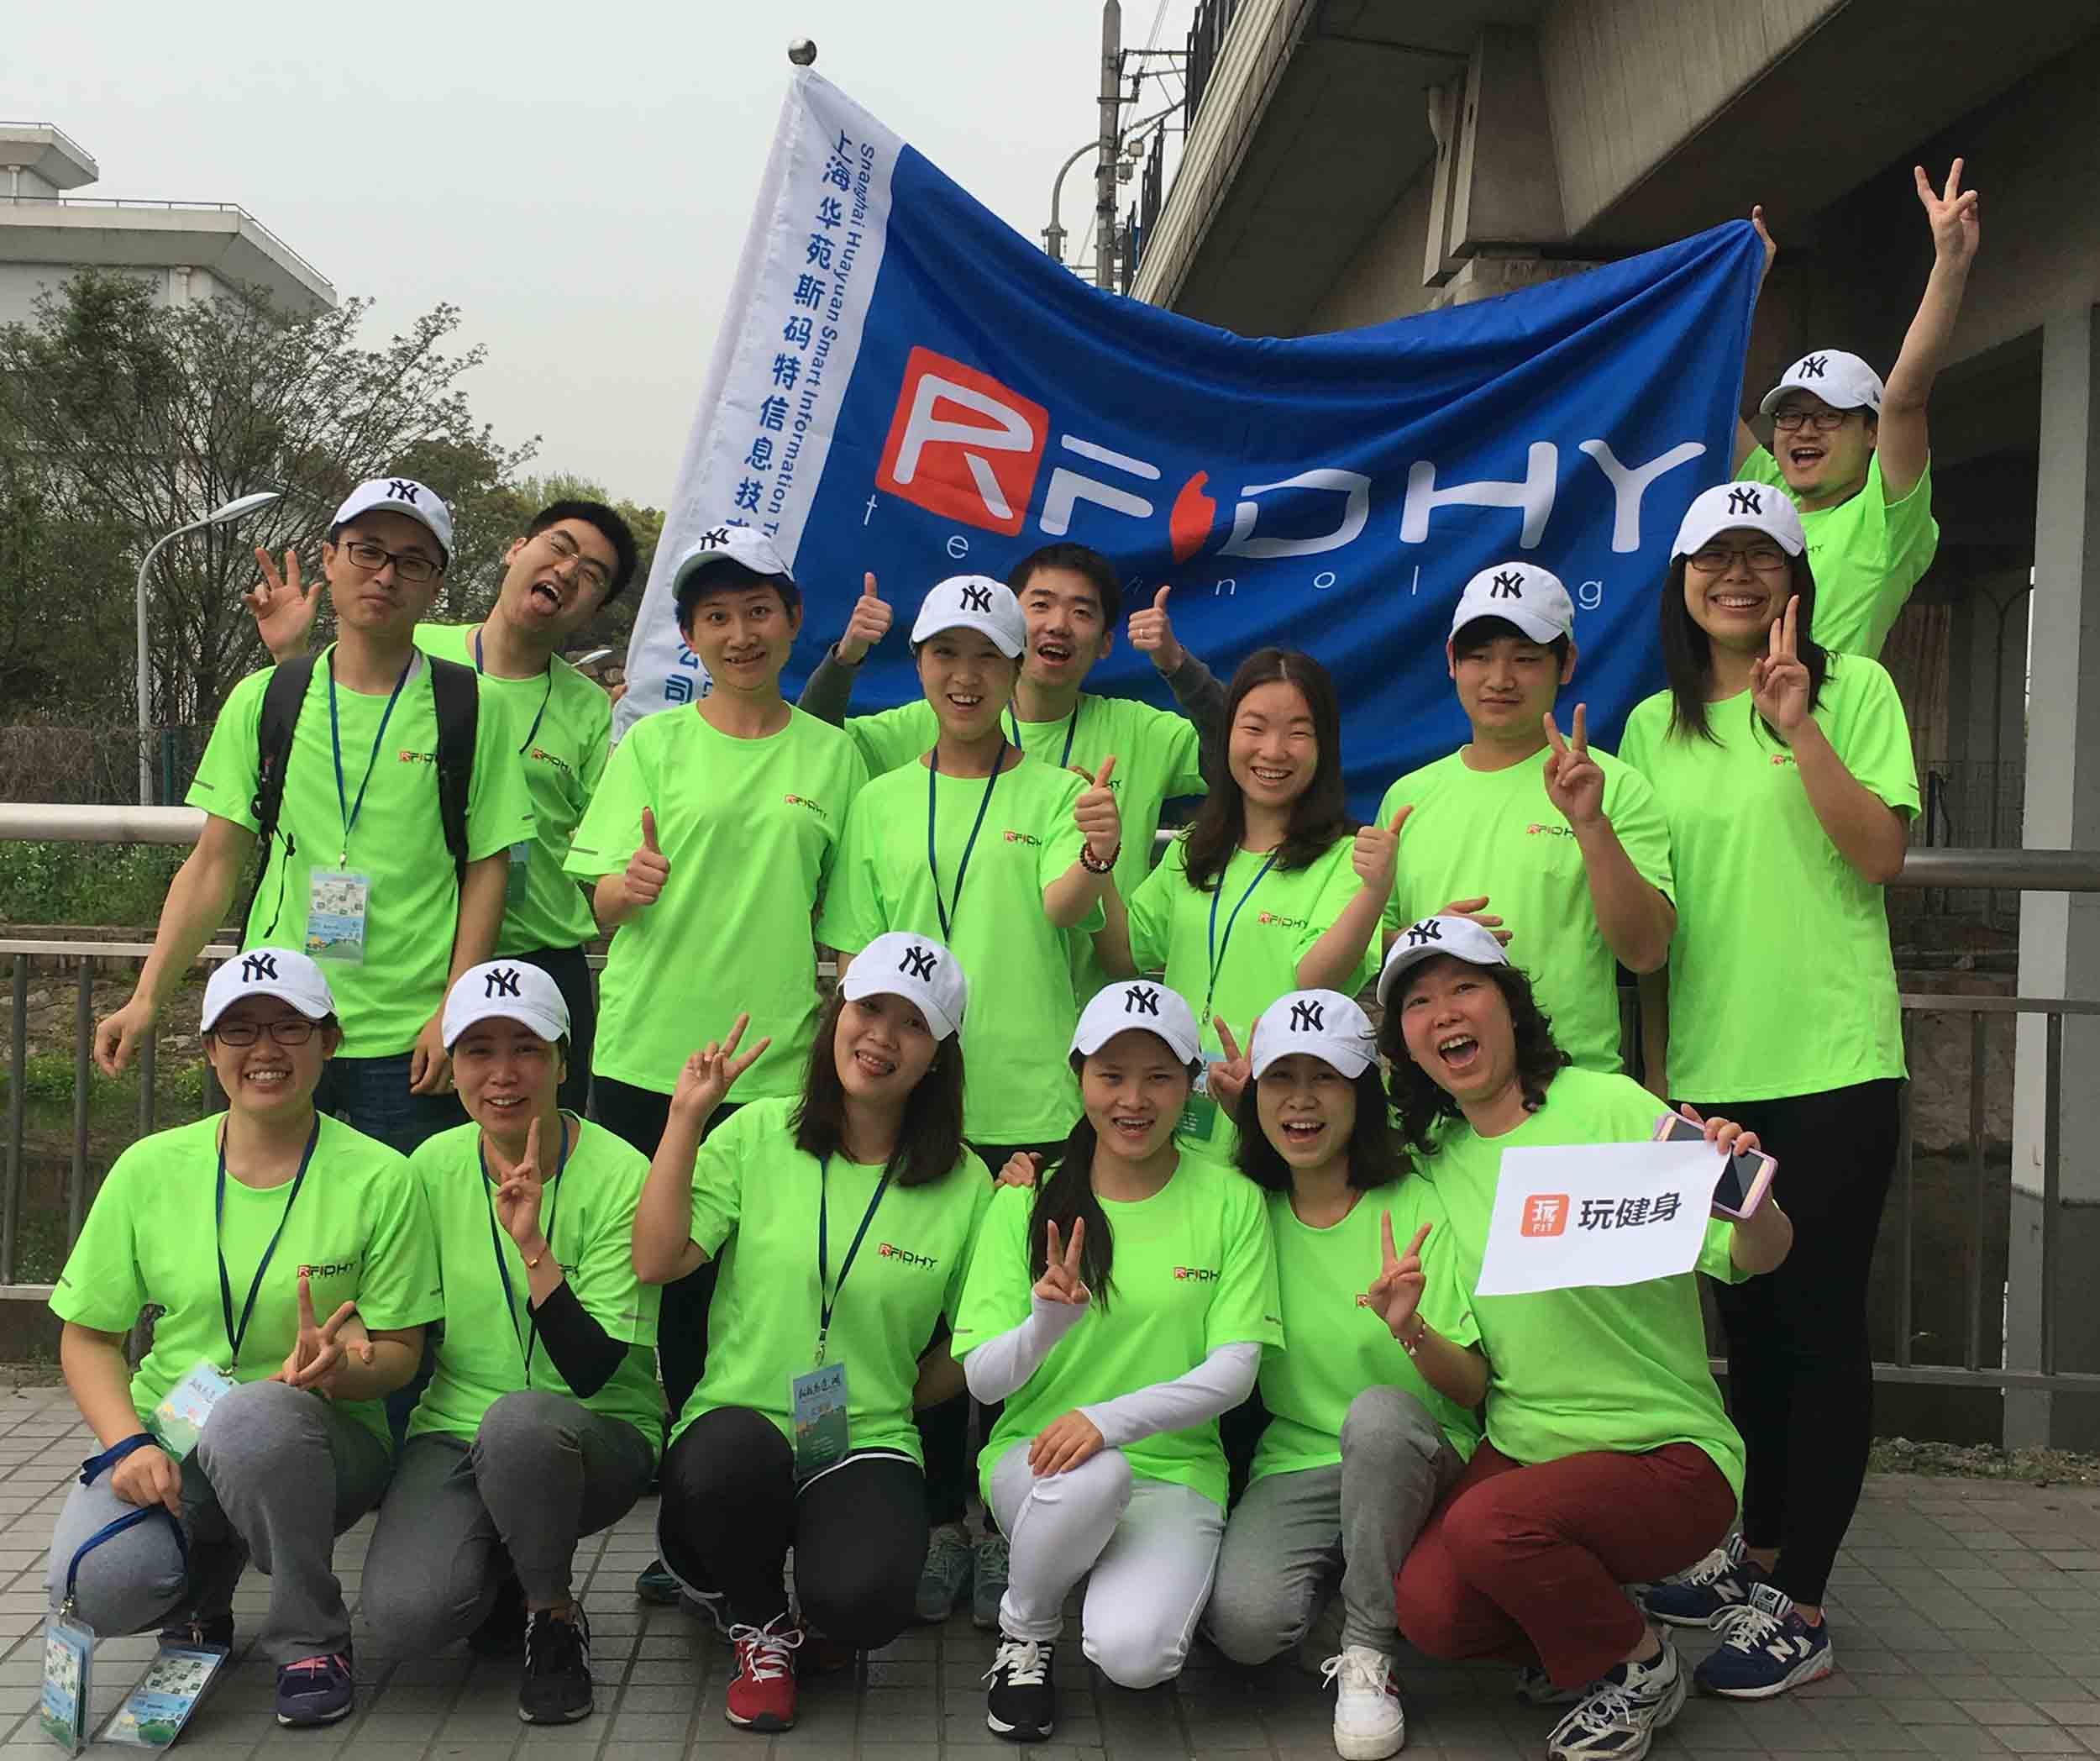 The 45 km Walking Race